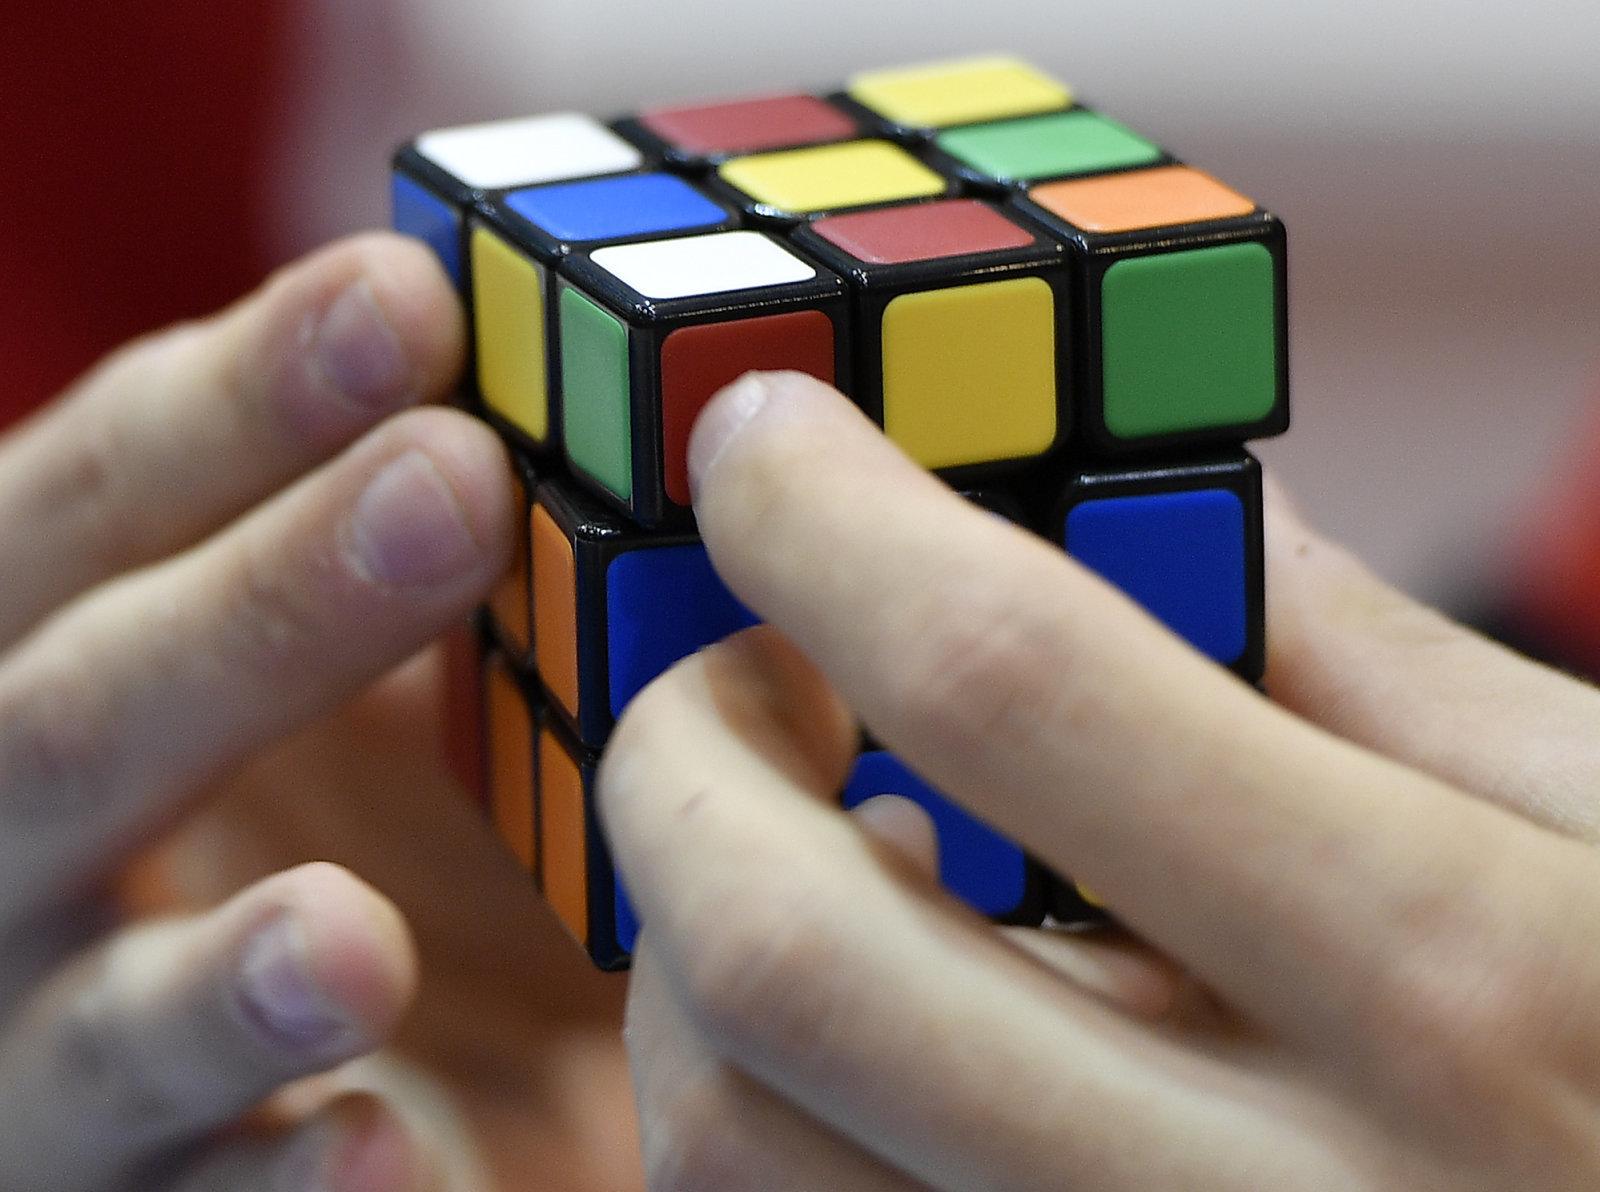 هوش مصنوعی در عرض 1.2 ثانیه مکعب روبیک را حل میکند